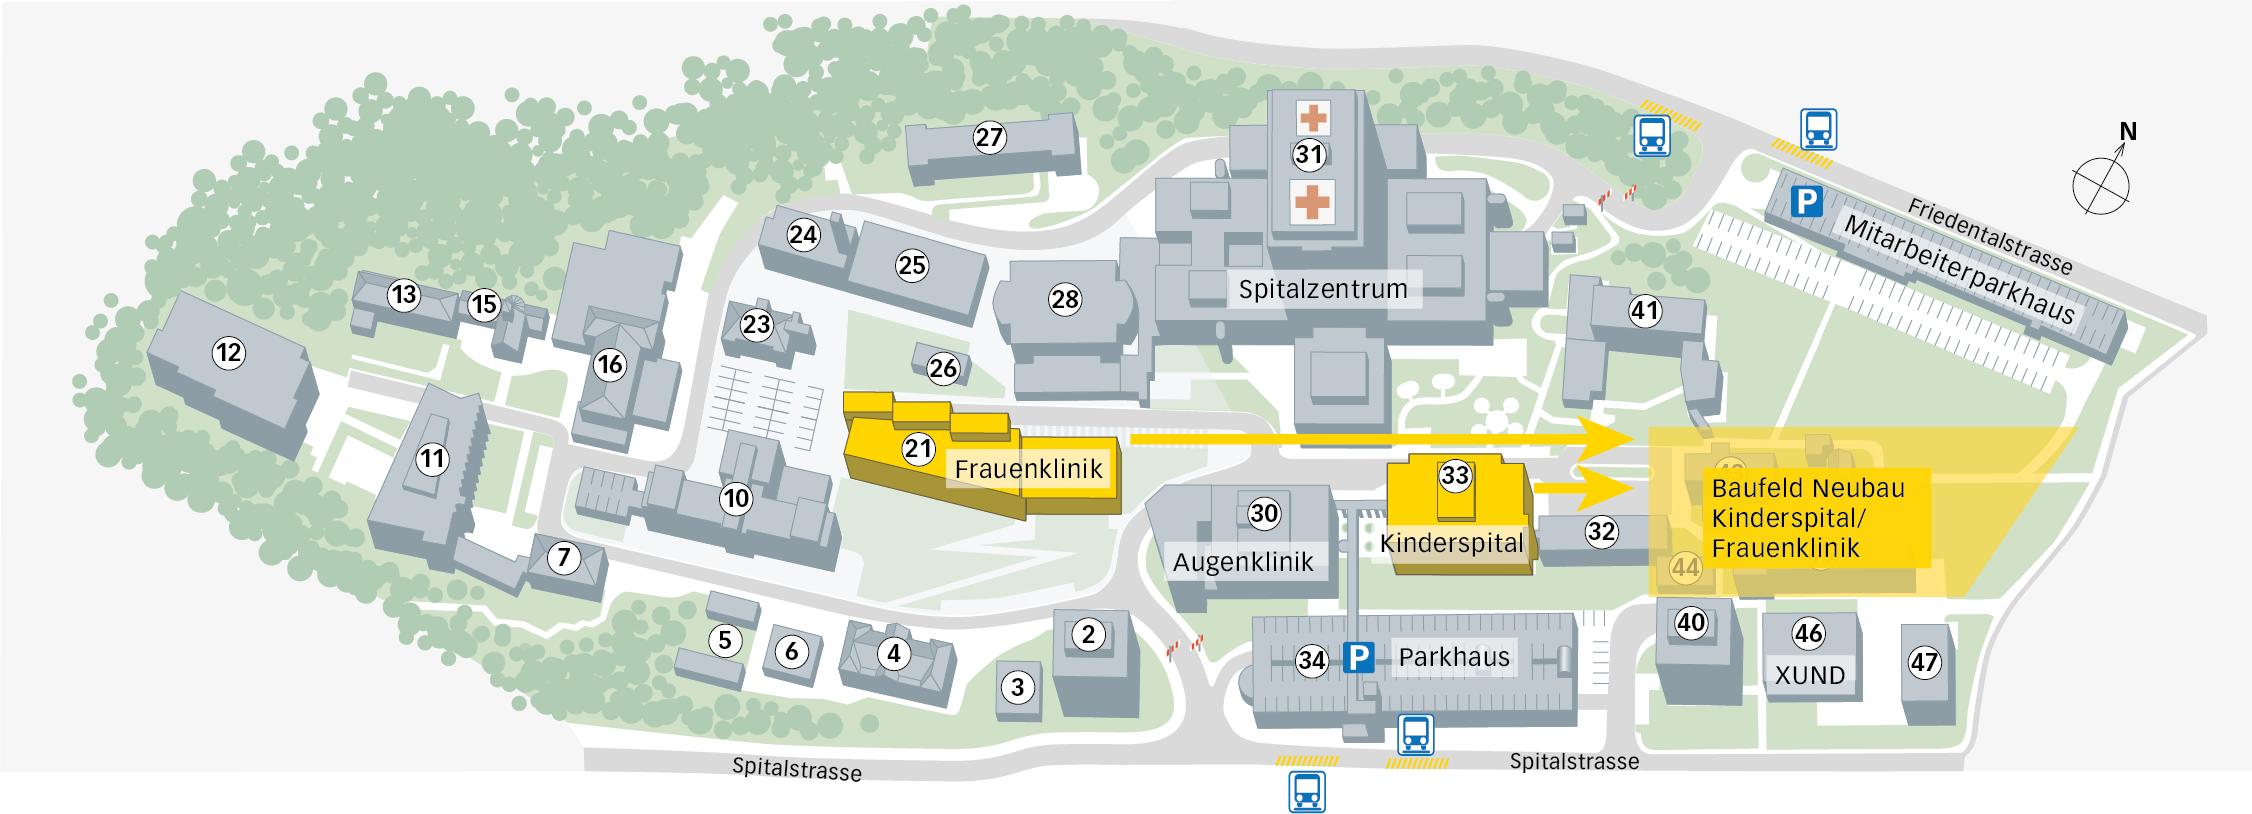 Die künftigen Standorte der beiden Kliniken.